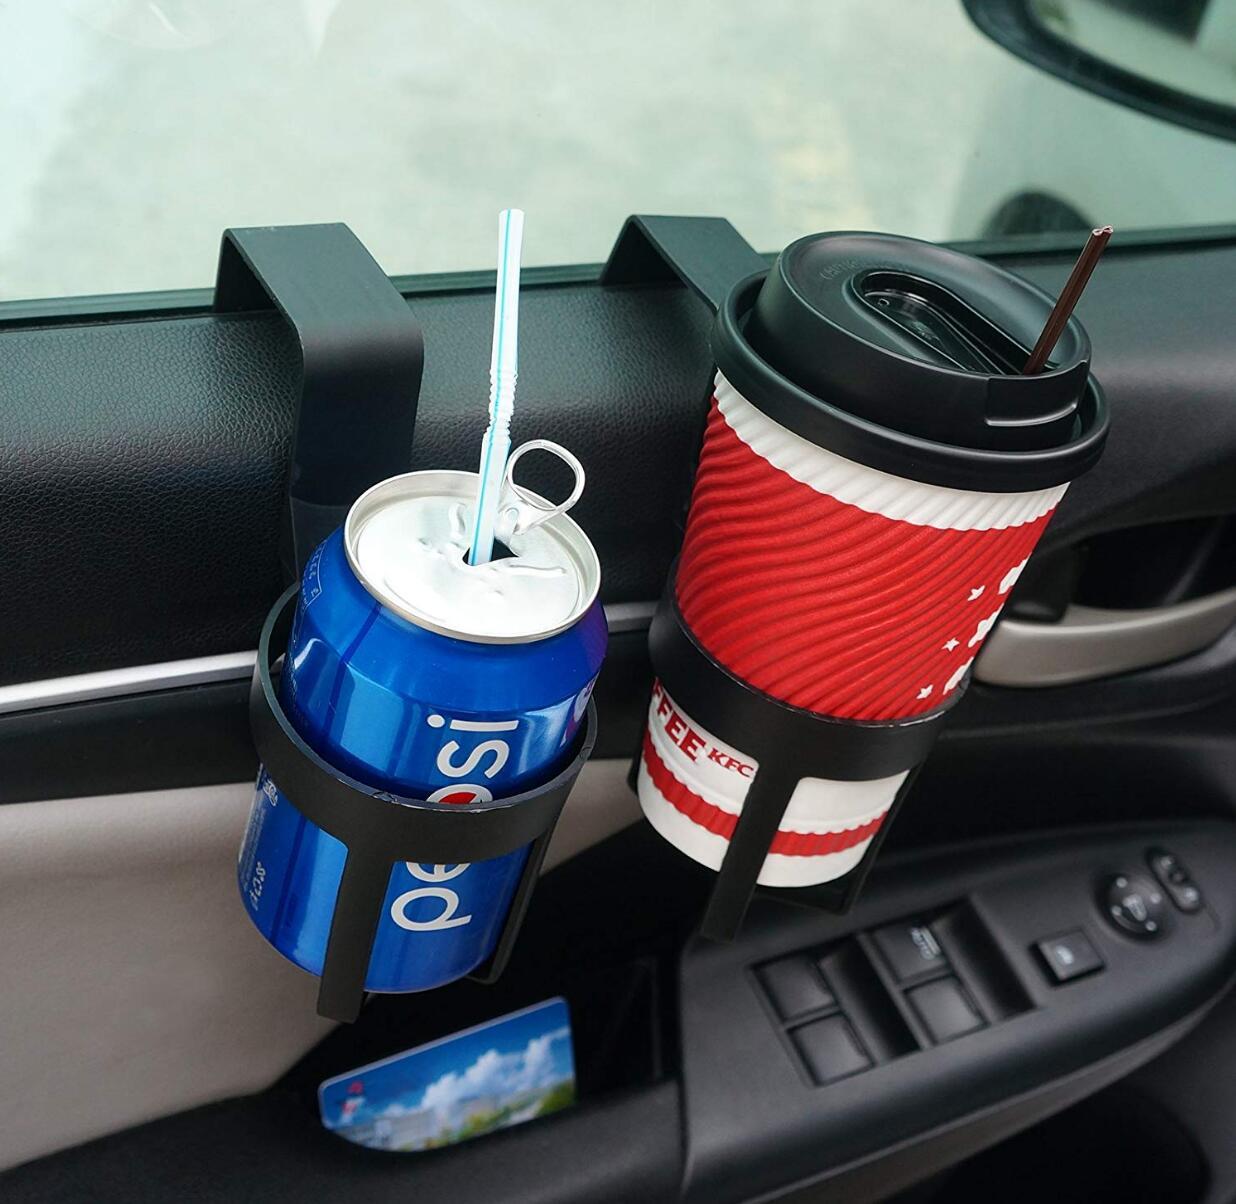 La botella de la taza de la bebida del coche puede montar el soporte para suzuki swift opel mokka w210 opel zafira kia optima skoda excelente 2 bmw x3